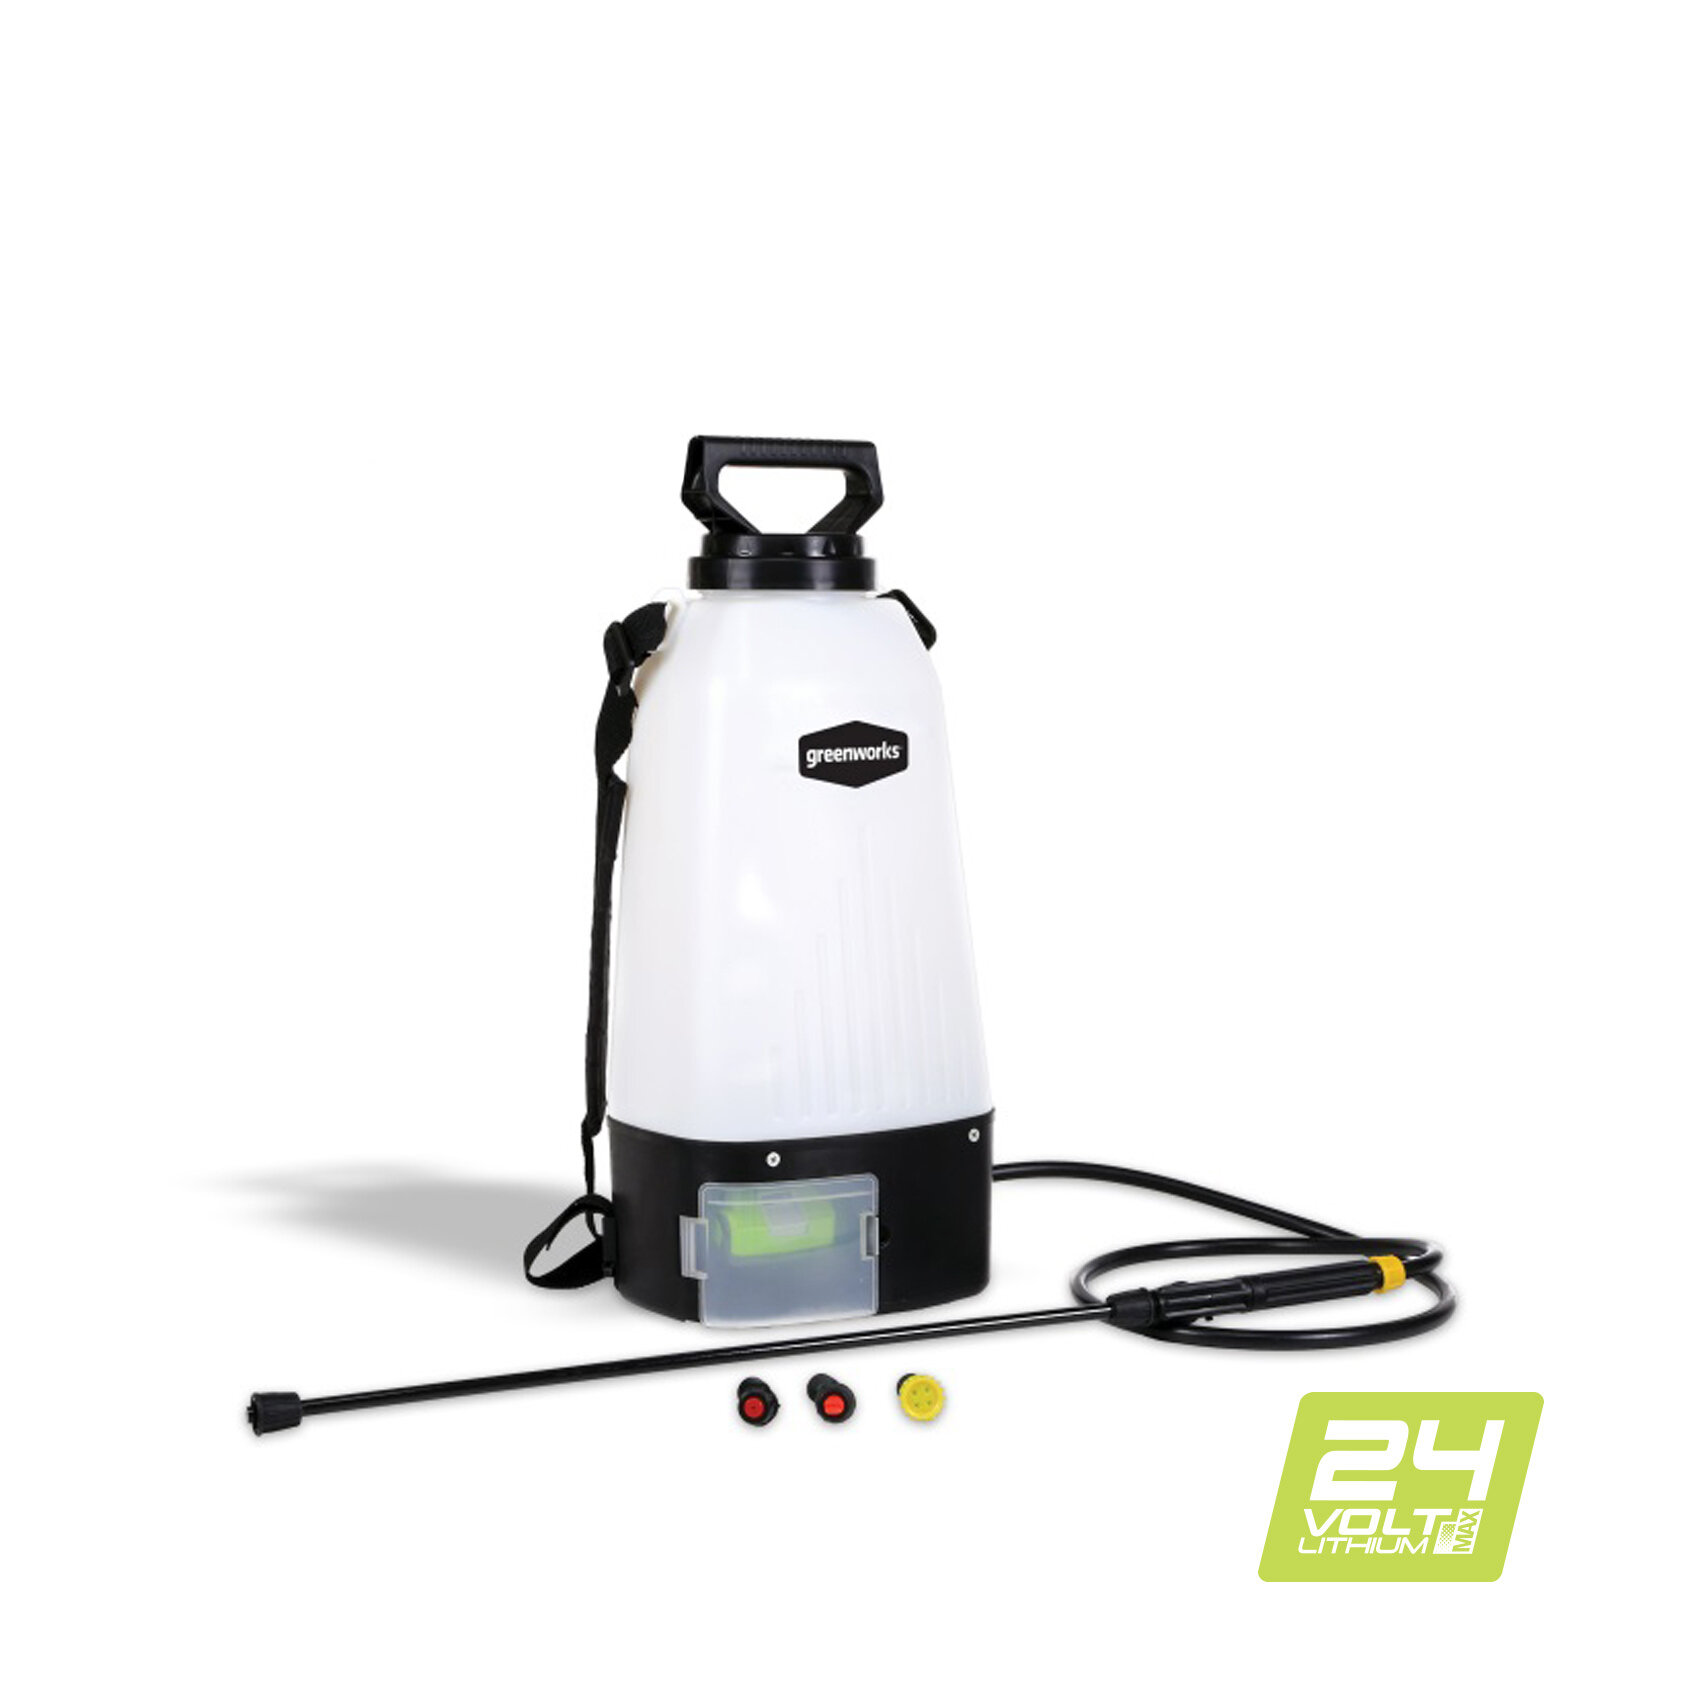 Опрыскиватель садовый аккумуляторный Greenworks GSP1250K2 4 Ач АКБ и ЗУ, арт. 5103507UB